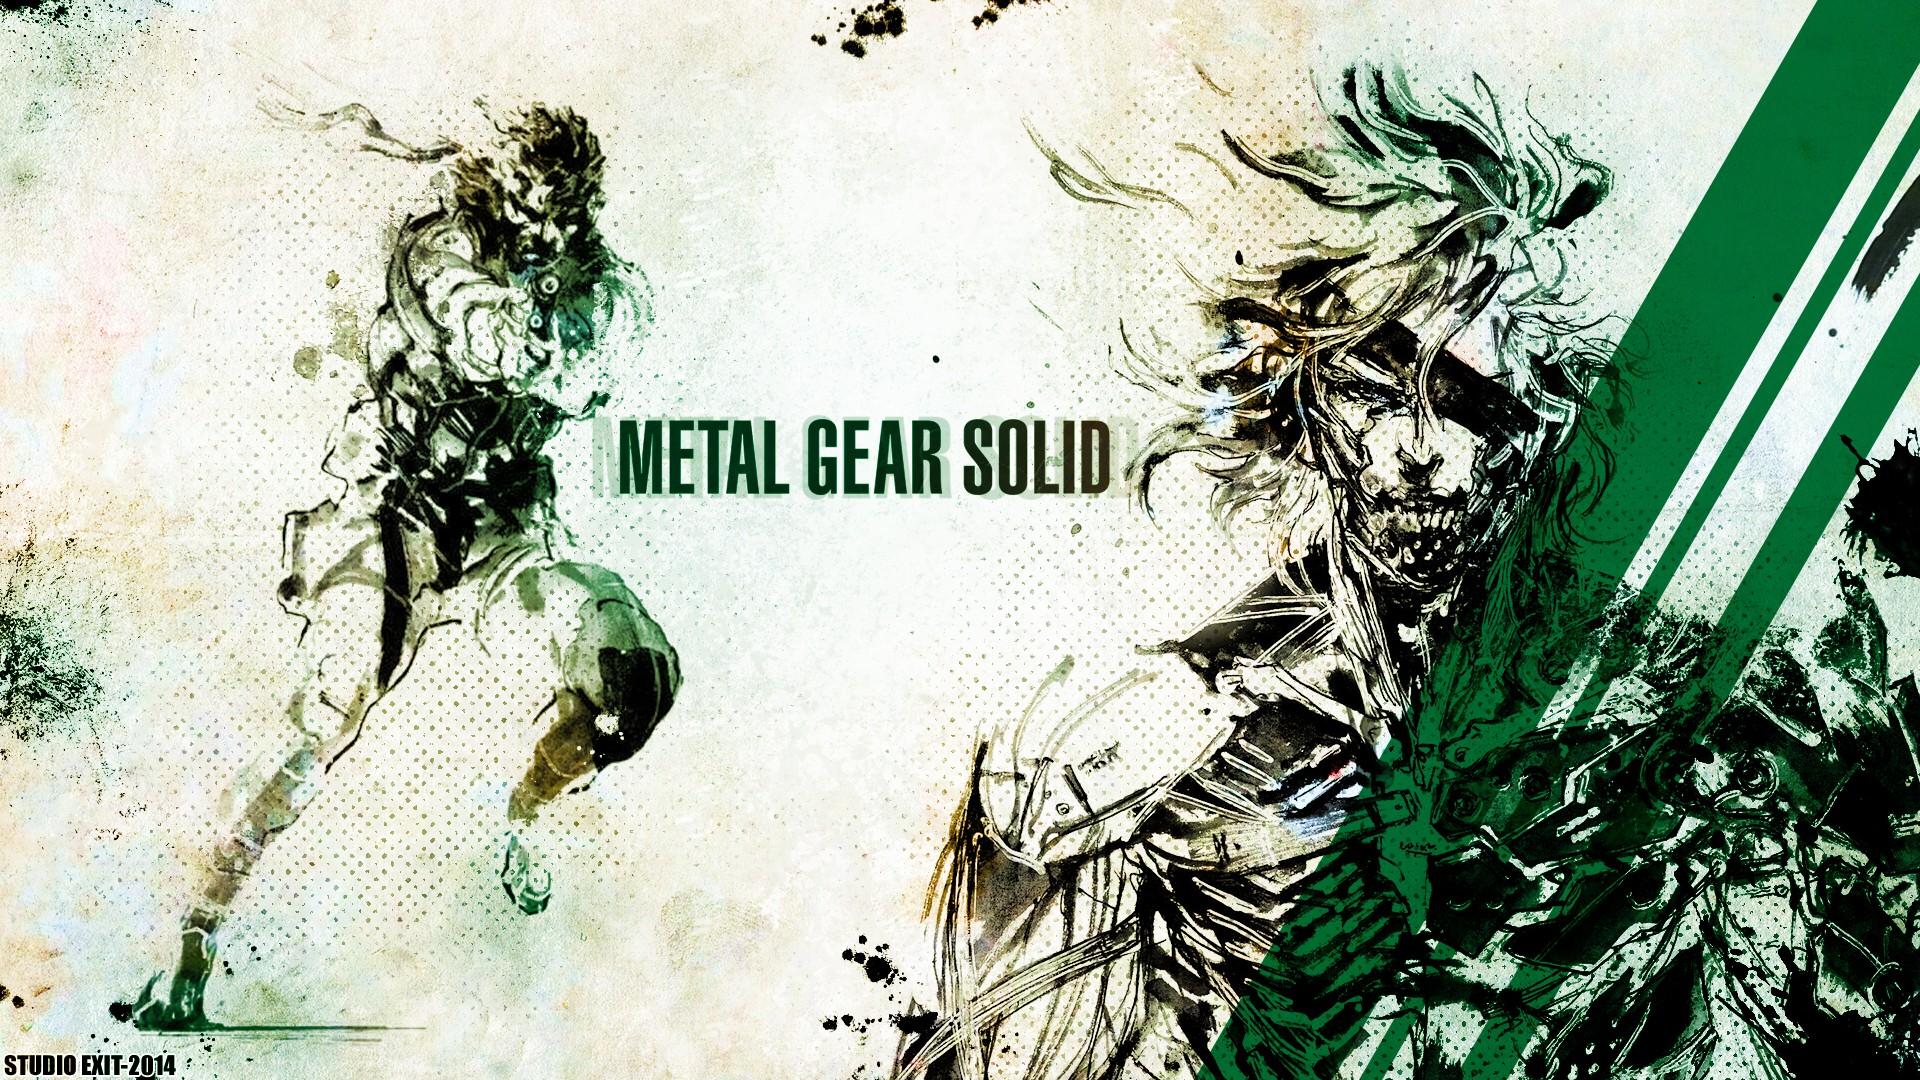 Metal Gear Solid Desktop Wallpapers Group 1920x1080